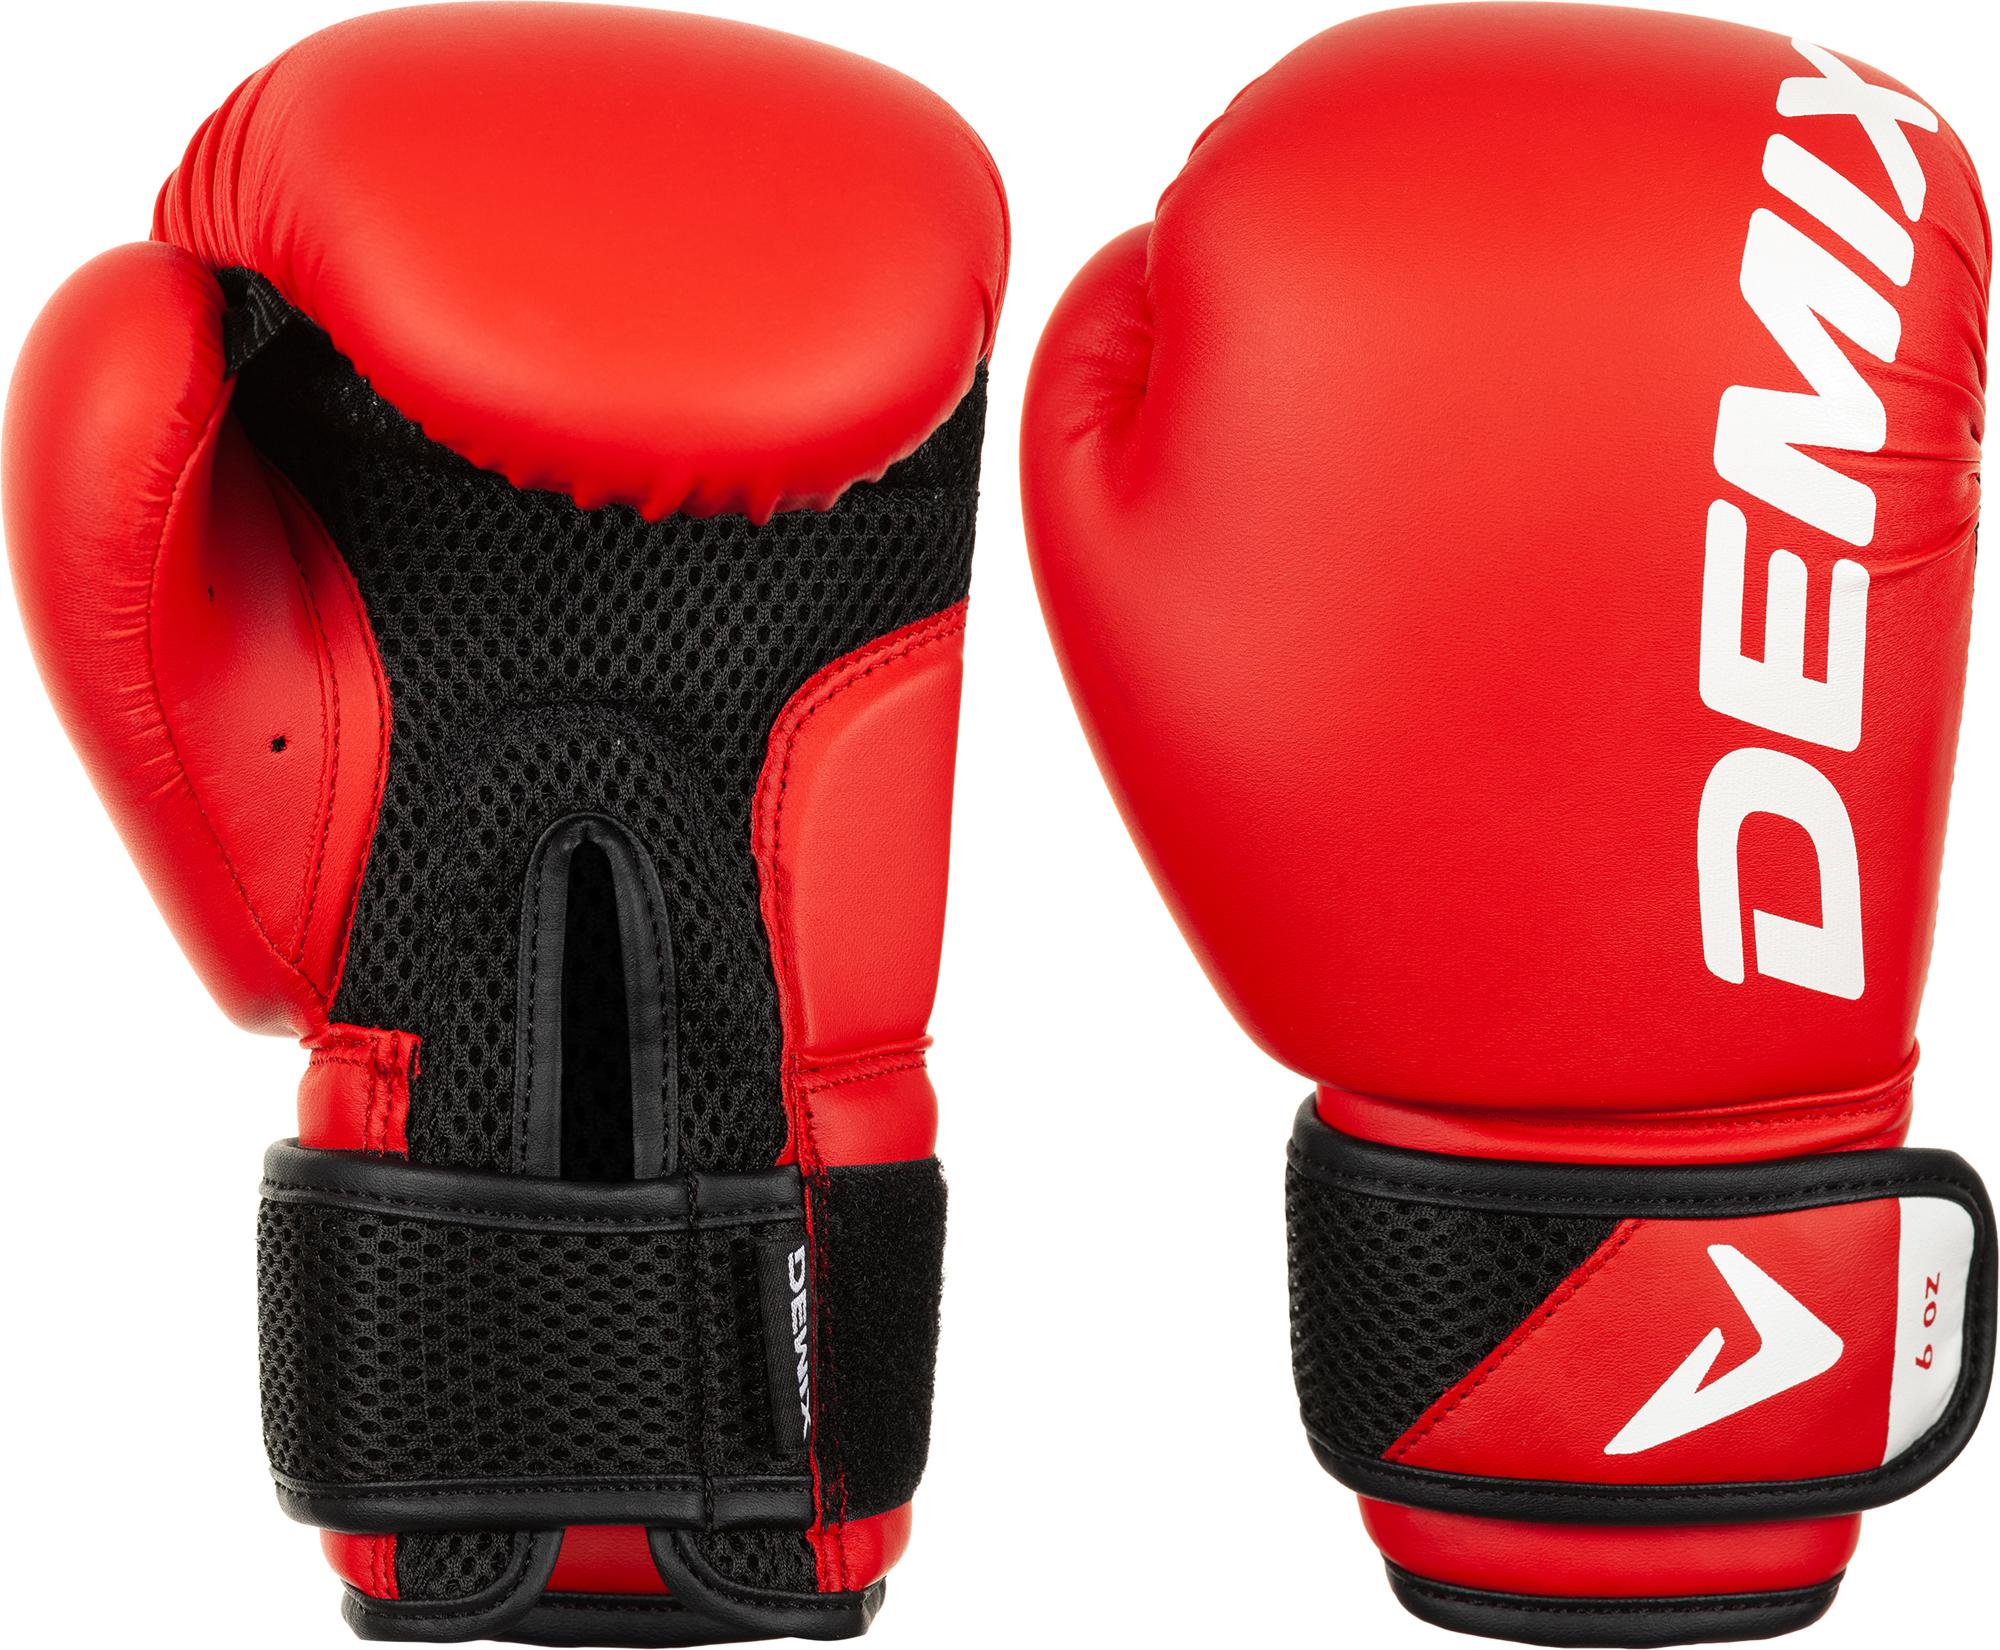 Demix Перчатки боксерские детские Demix, размер 6 oz